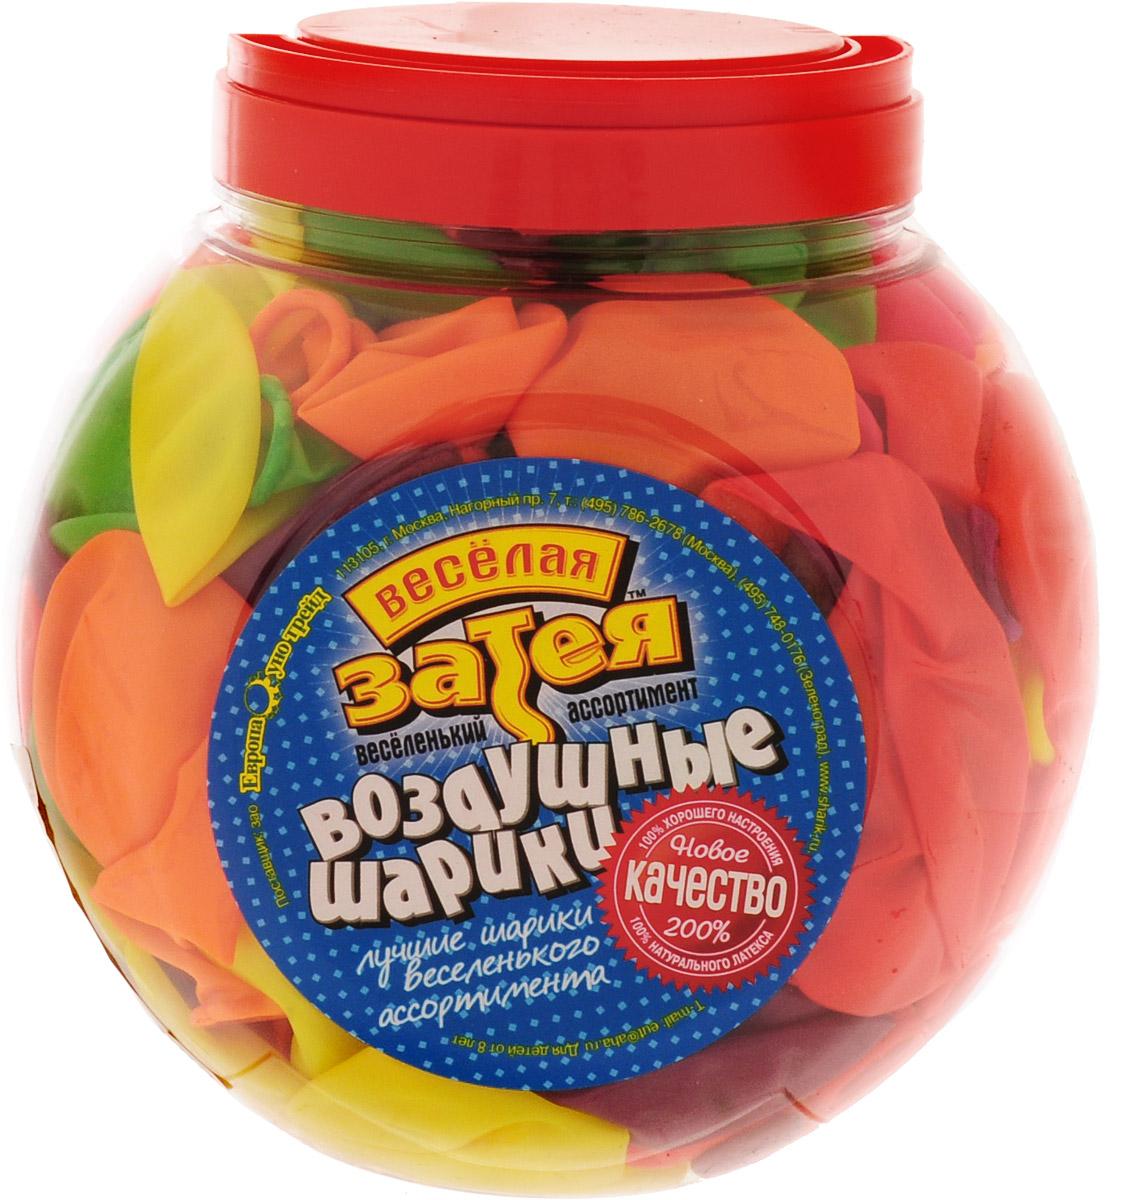 Веселая затея Набор воздушных шариков Неон 200 шт 1110-0000 - Воздушные шарики